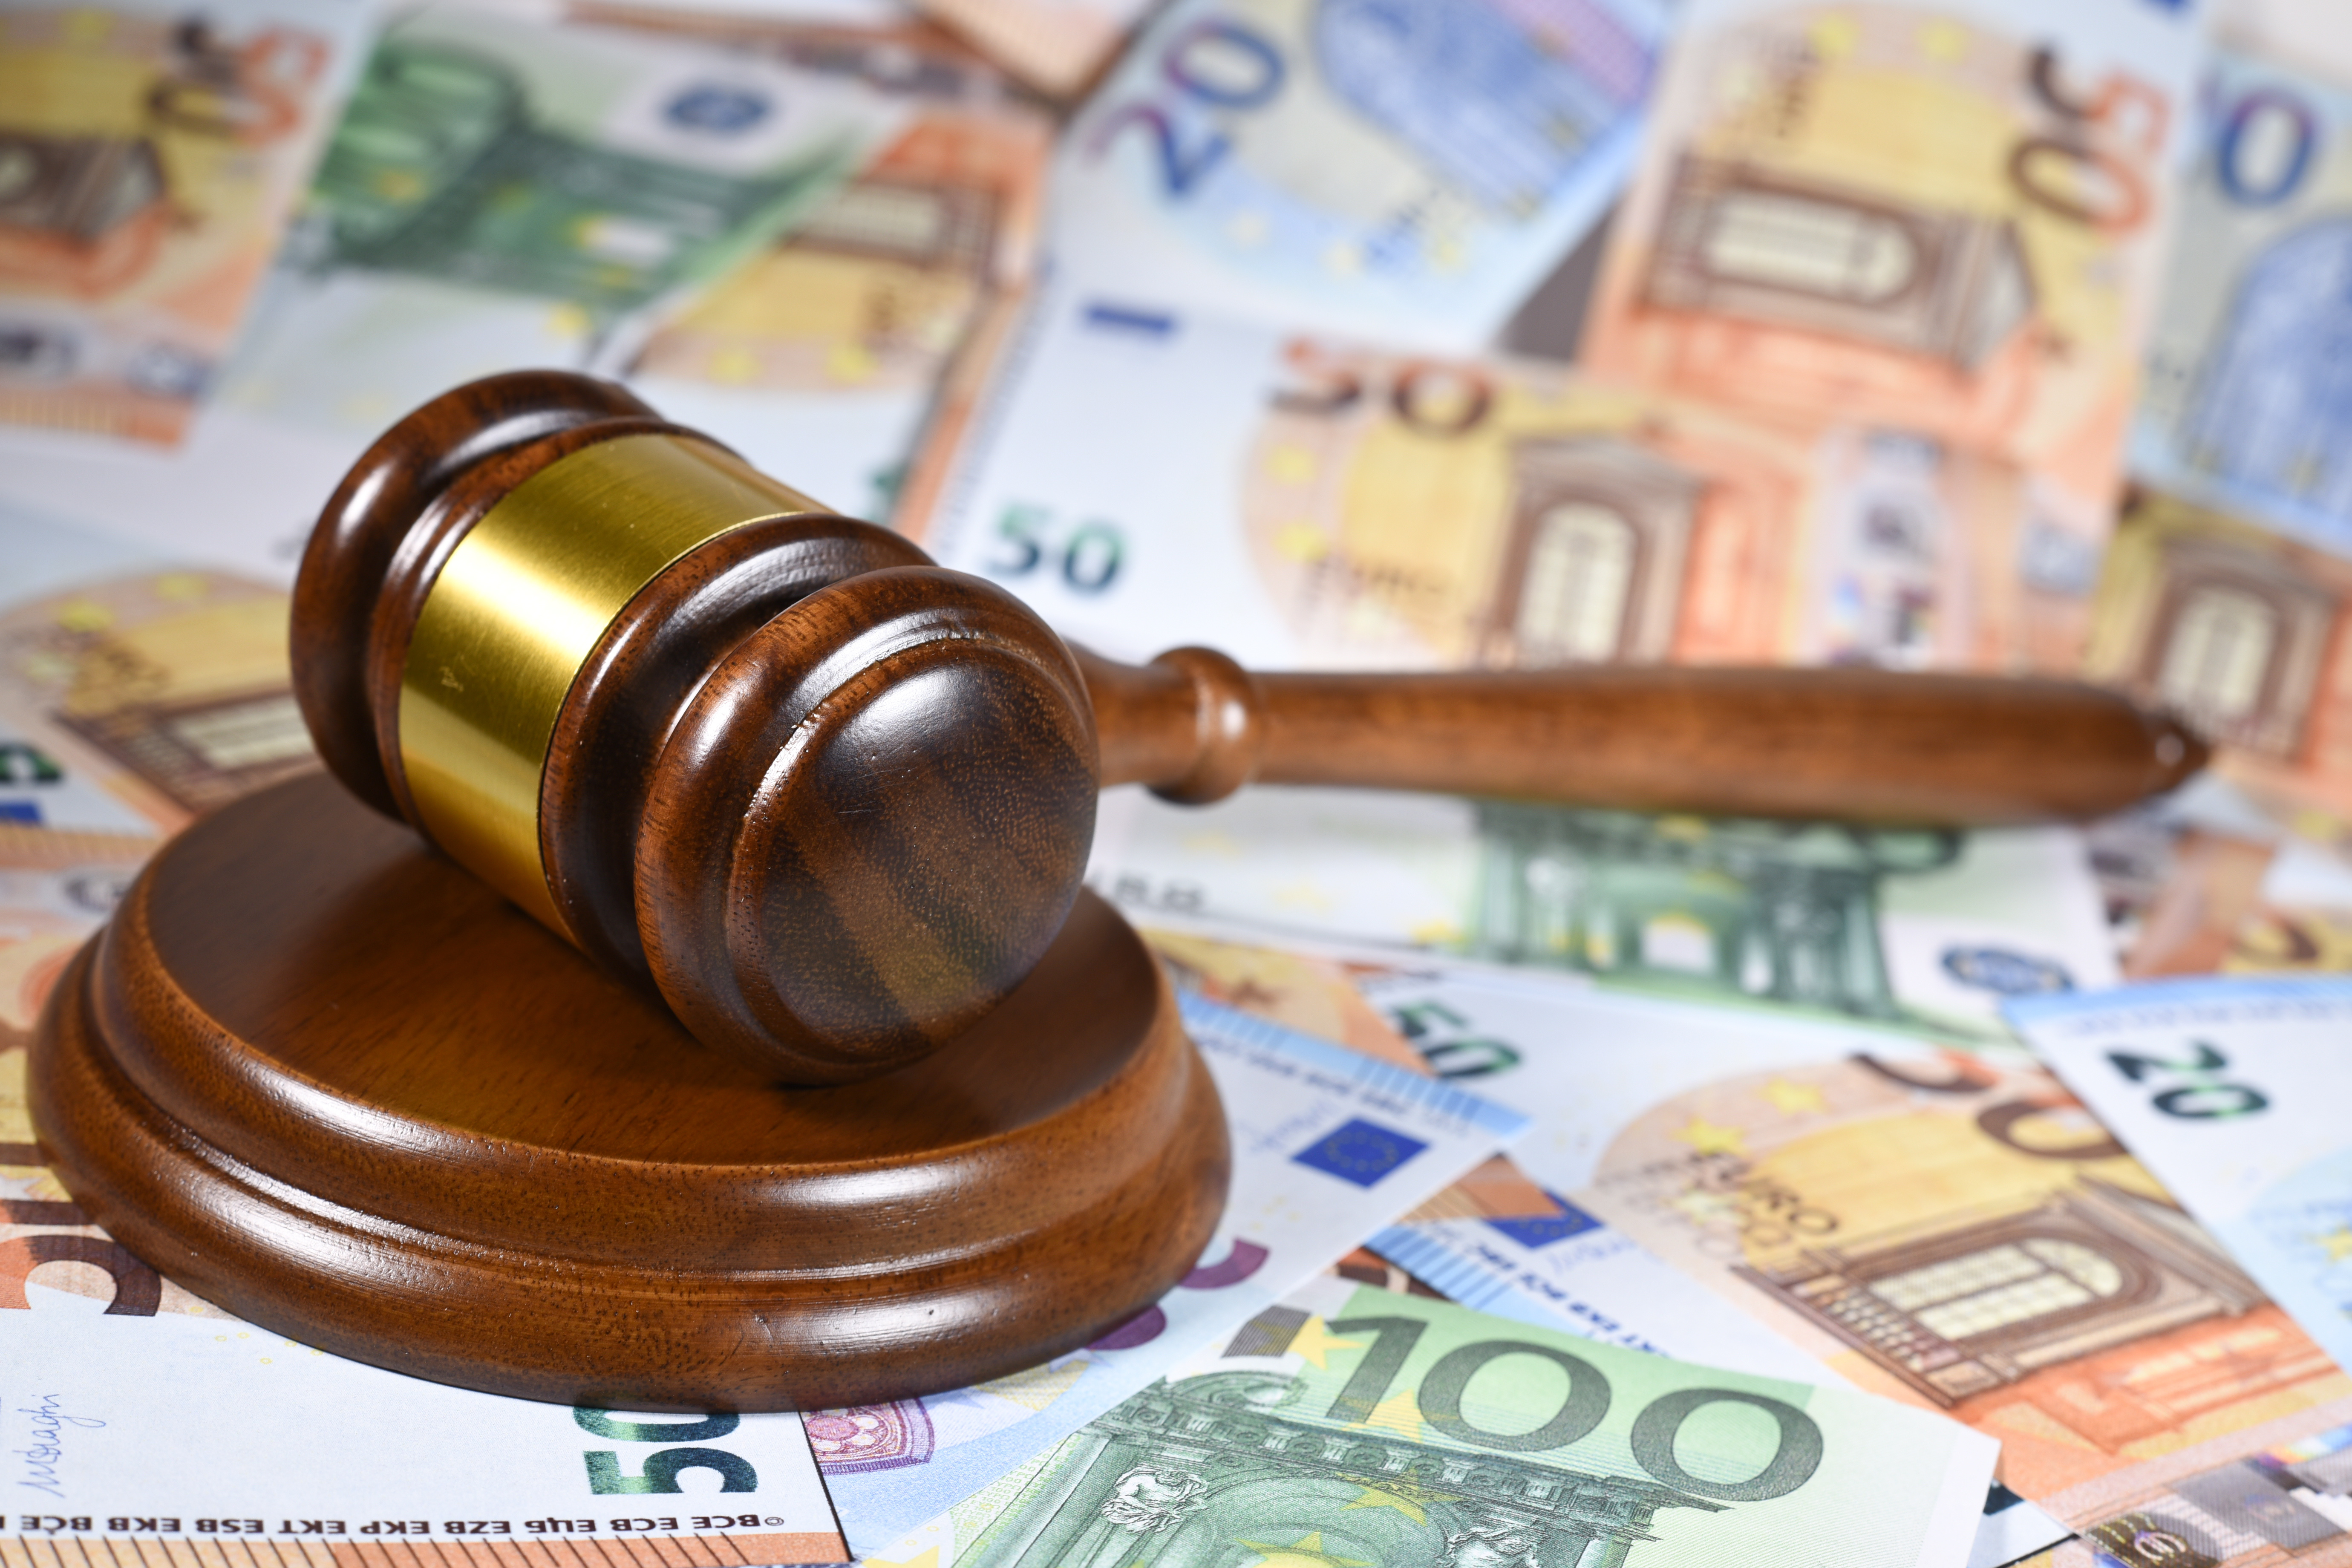 Dotkliwa kara za sprzedaż danych osobowych